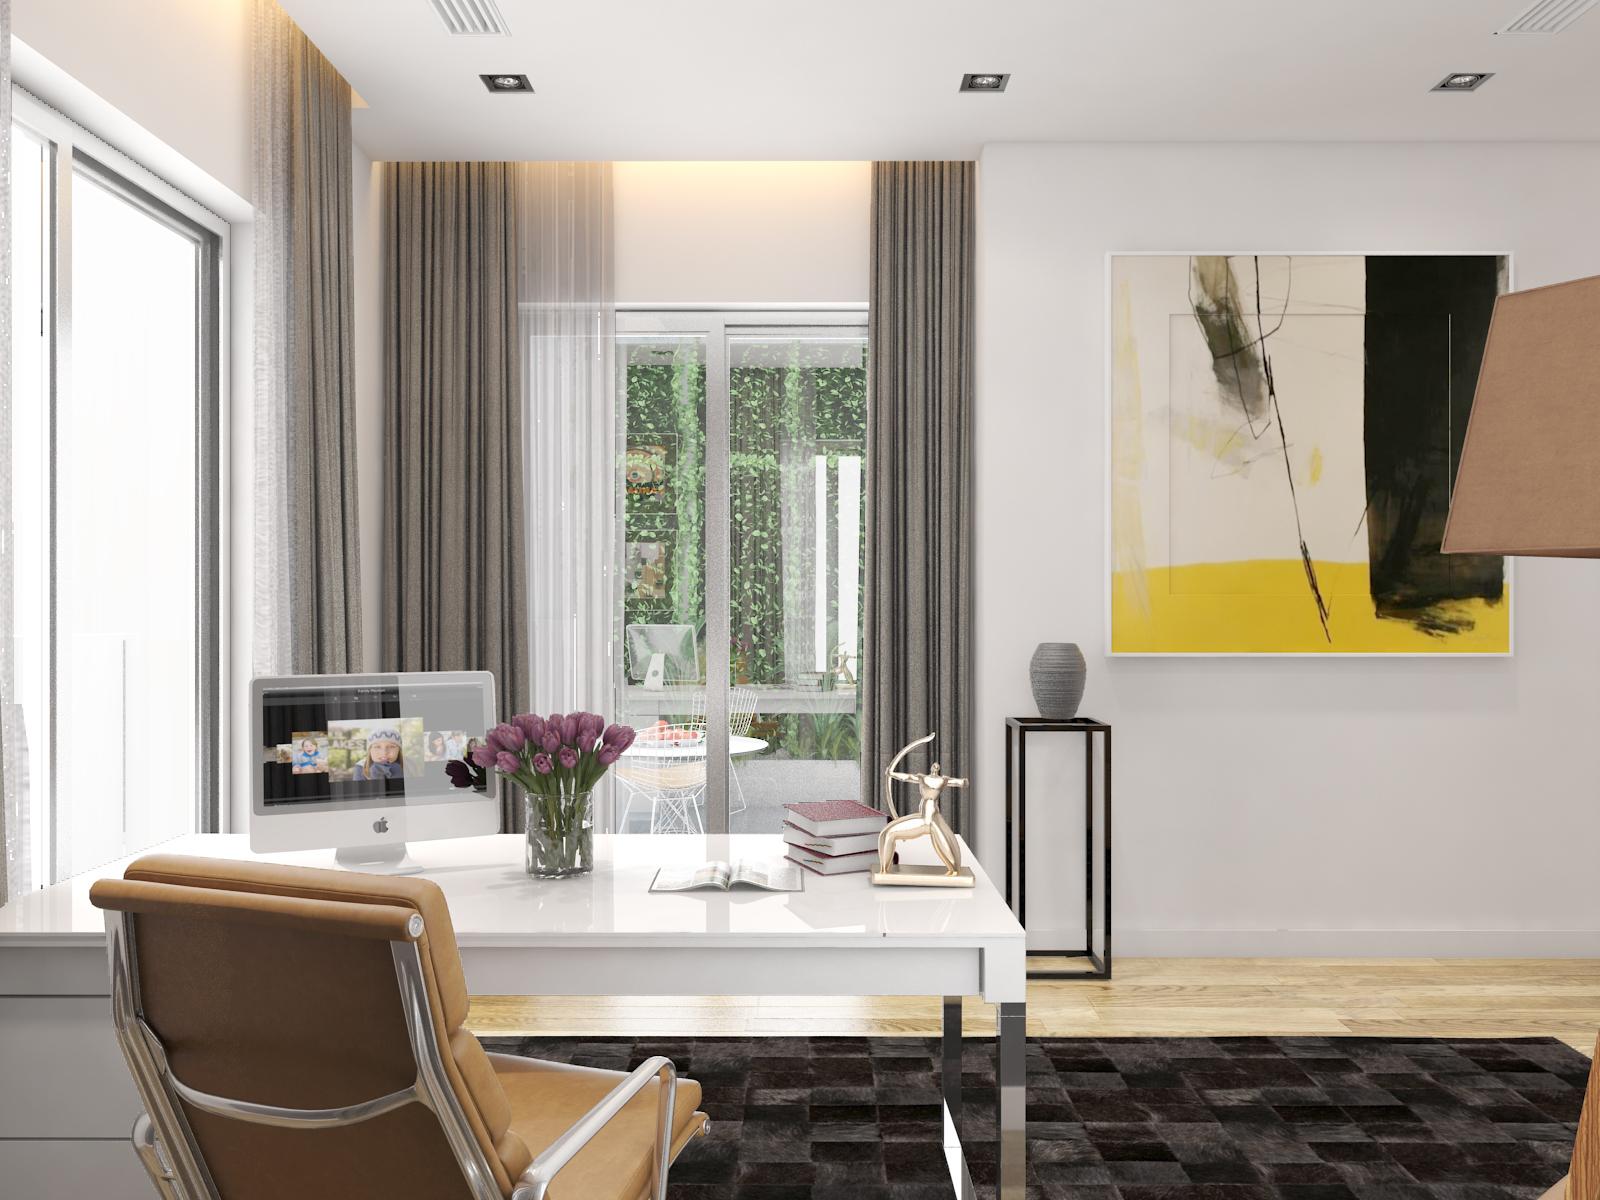 thiết kế nội thất Biệt Thự tại Hà Nội bt Vinhomes - riverside 44 1568085371